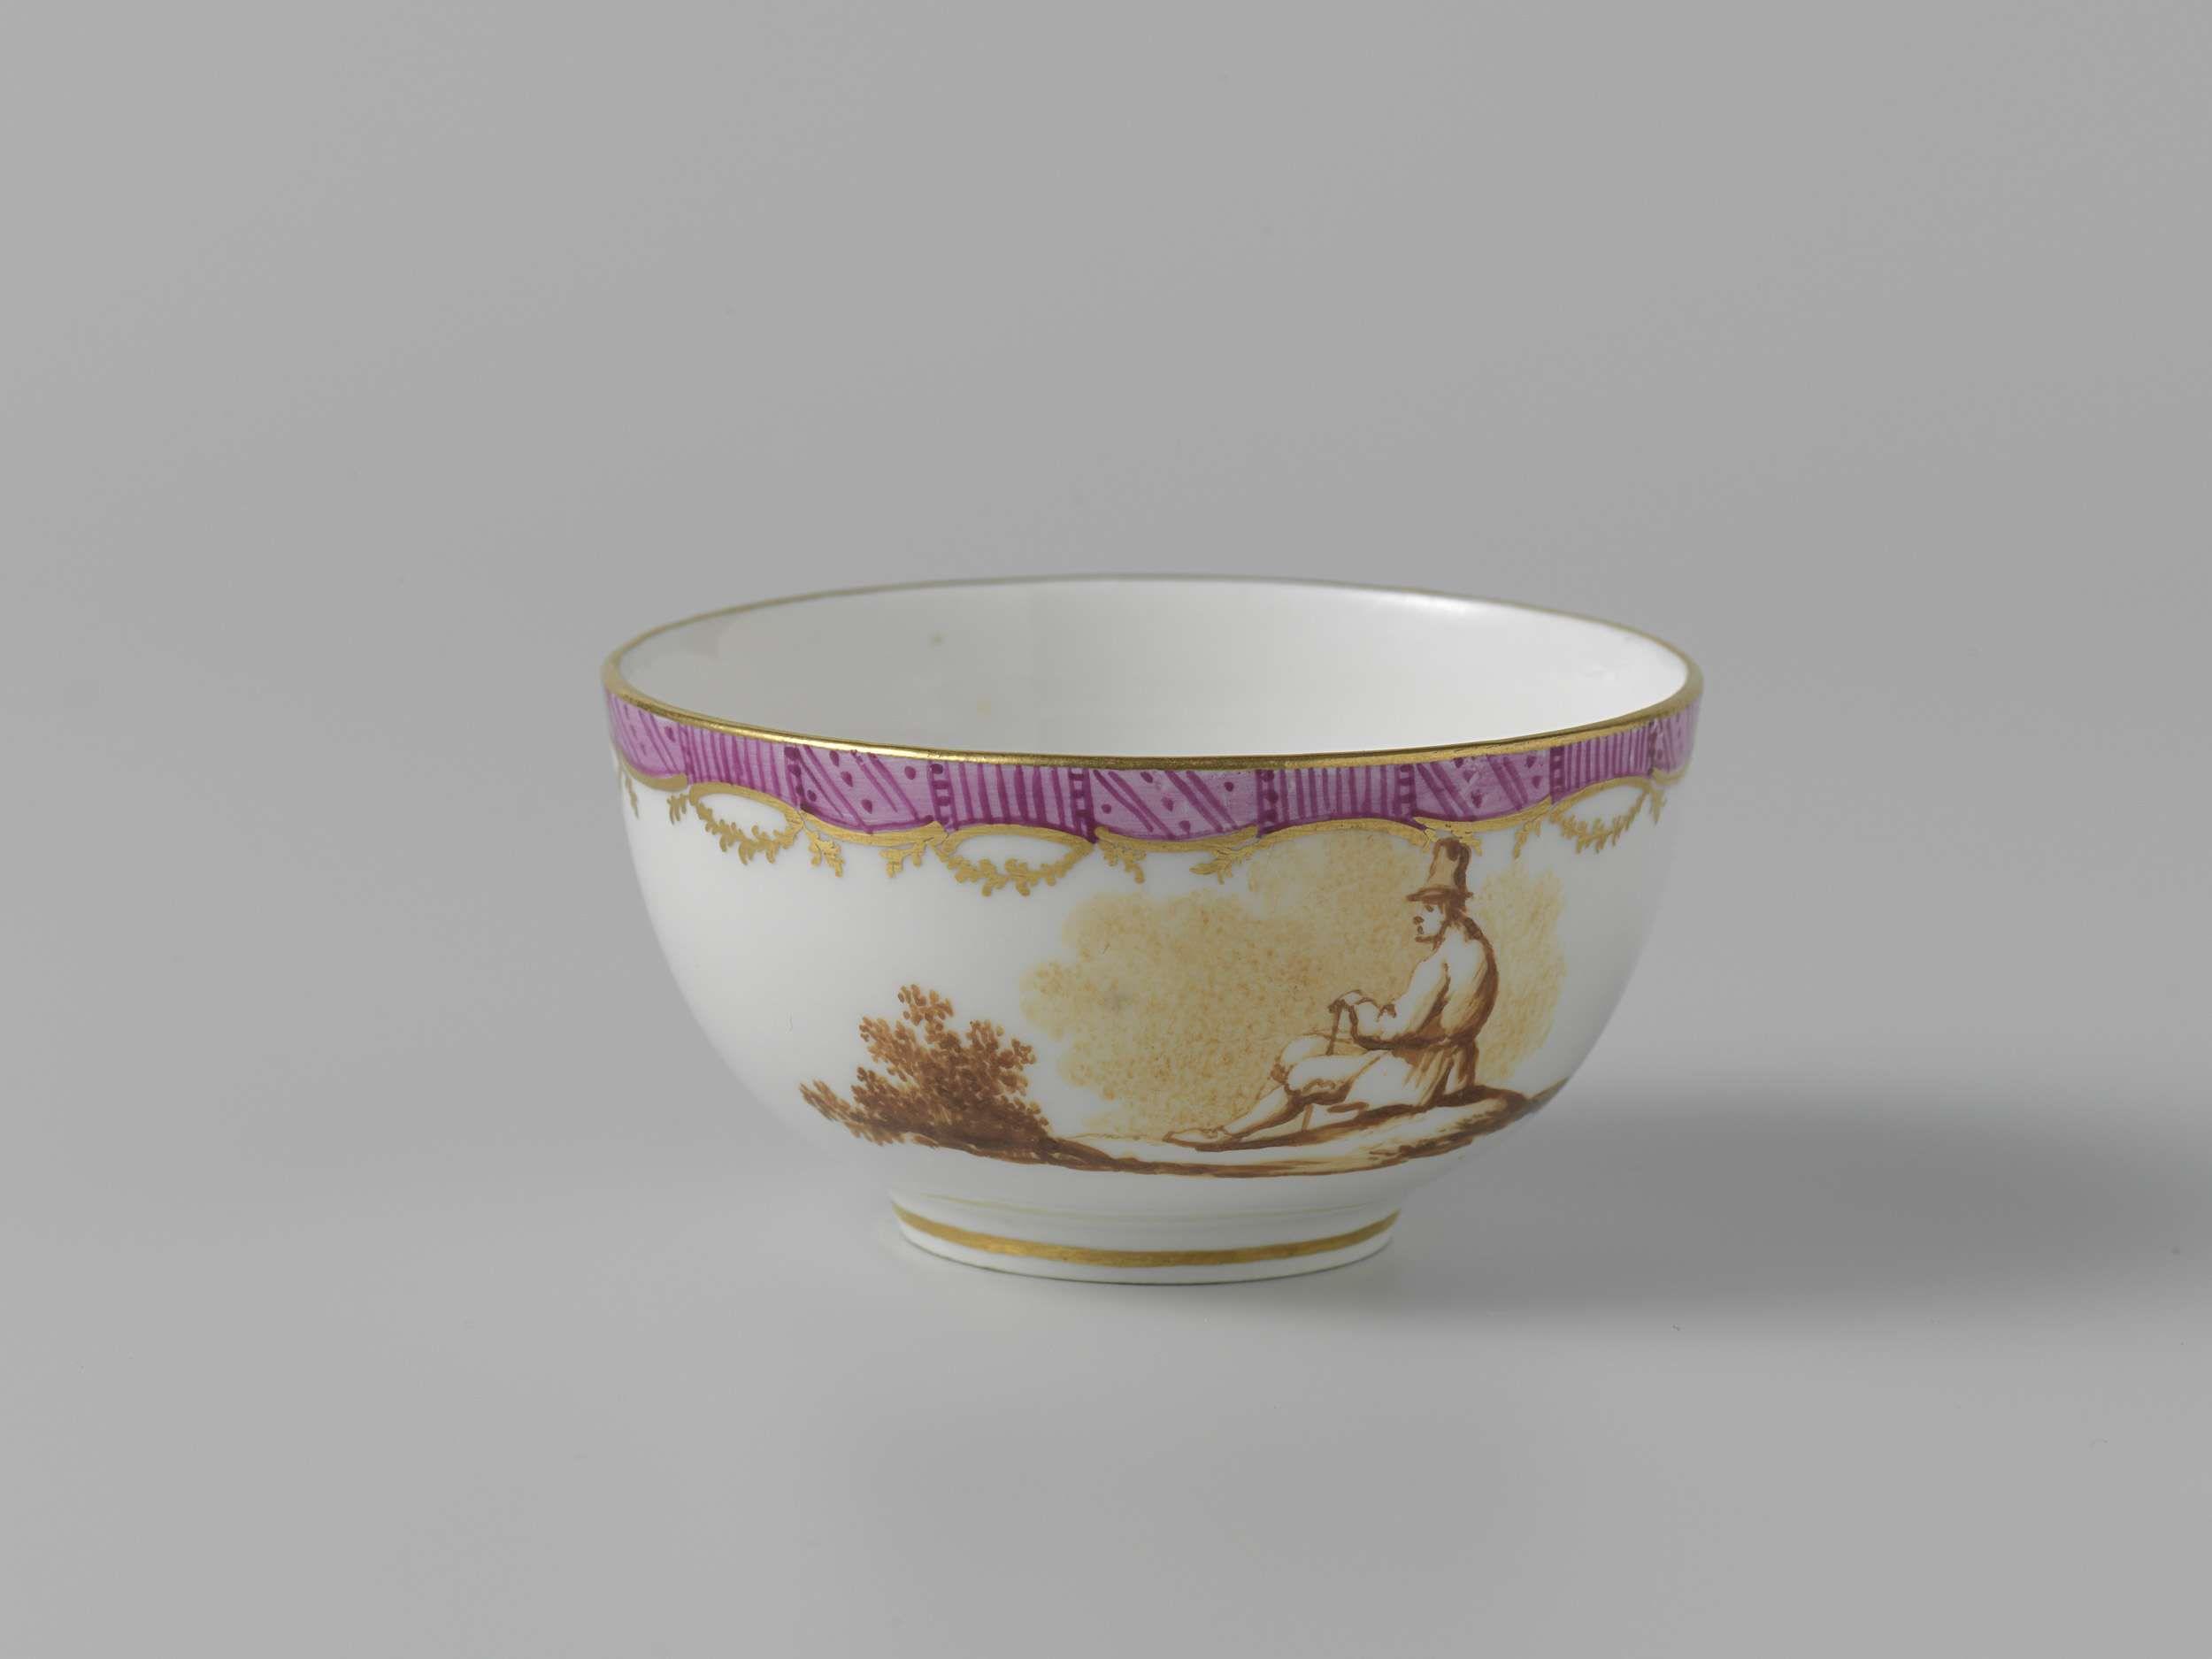 Manufactuur Oud-Loosdrecht   Tea service, Manufactuur Oud-Loosdrecht, c. 1774 - c. 1778   Theekop zonder oor van porselein. Beschilderd in sepia met figuren in een landschap. Langs de randen een lila fries tussen gouden biezen.